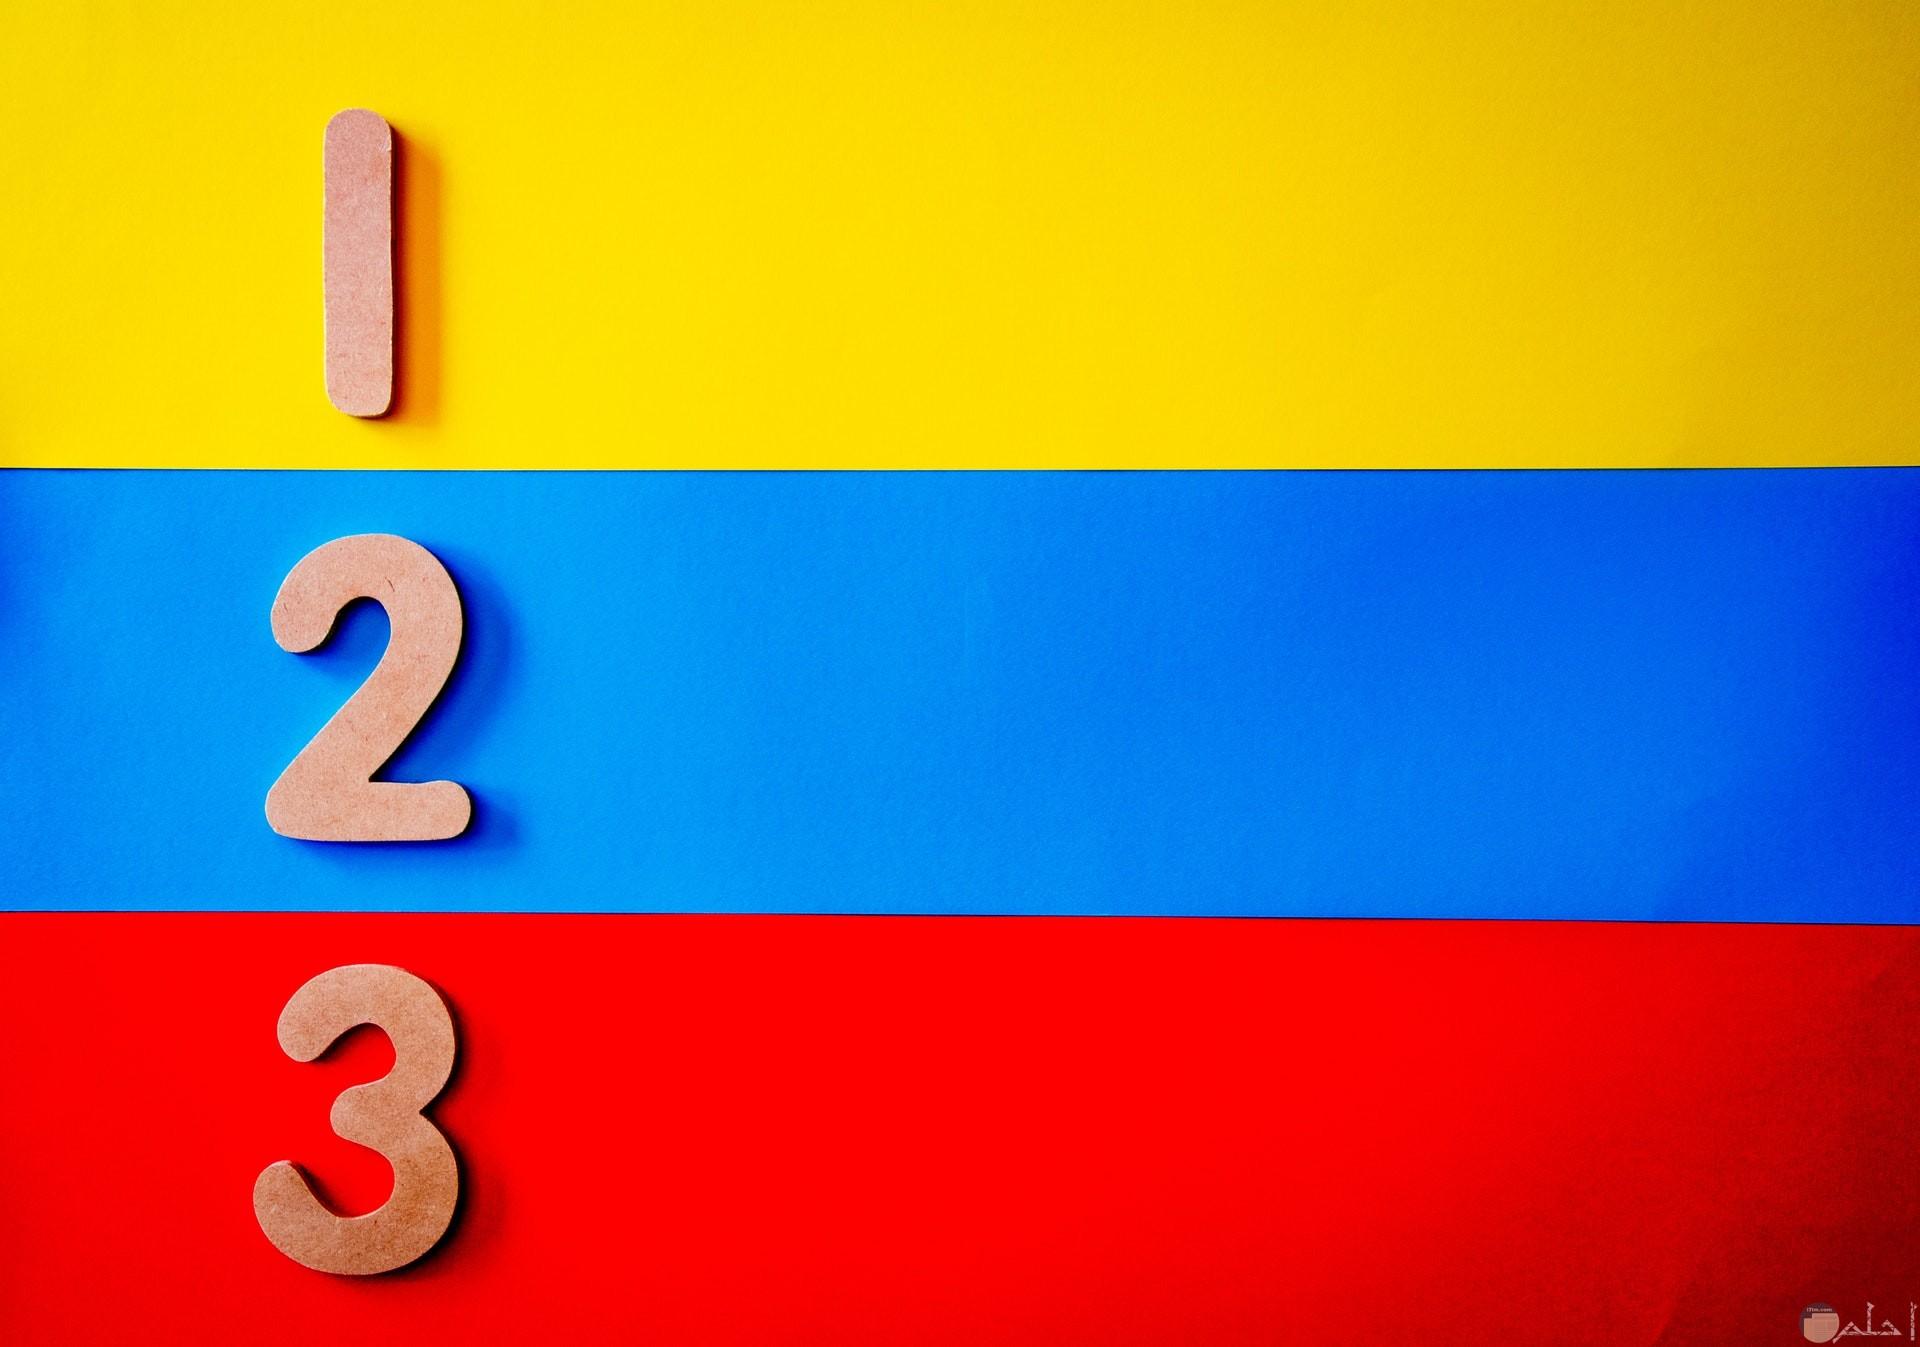 صور خلفيات سادة فاتحة جميلة ومميزة بثلاث ألوان